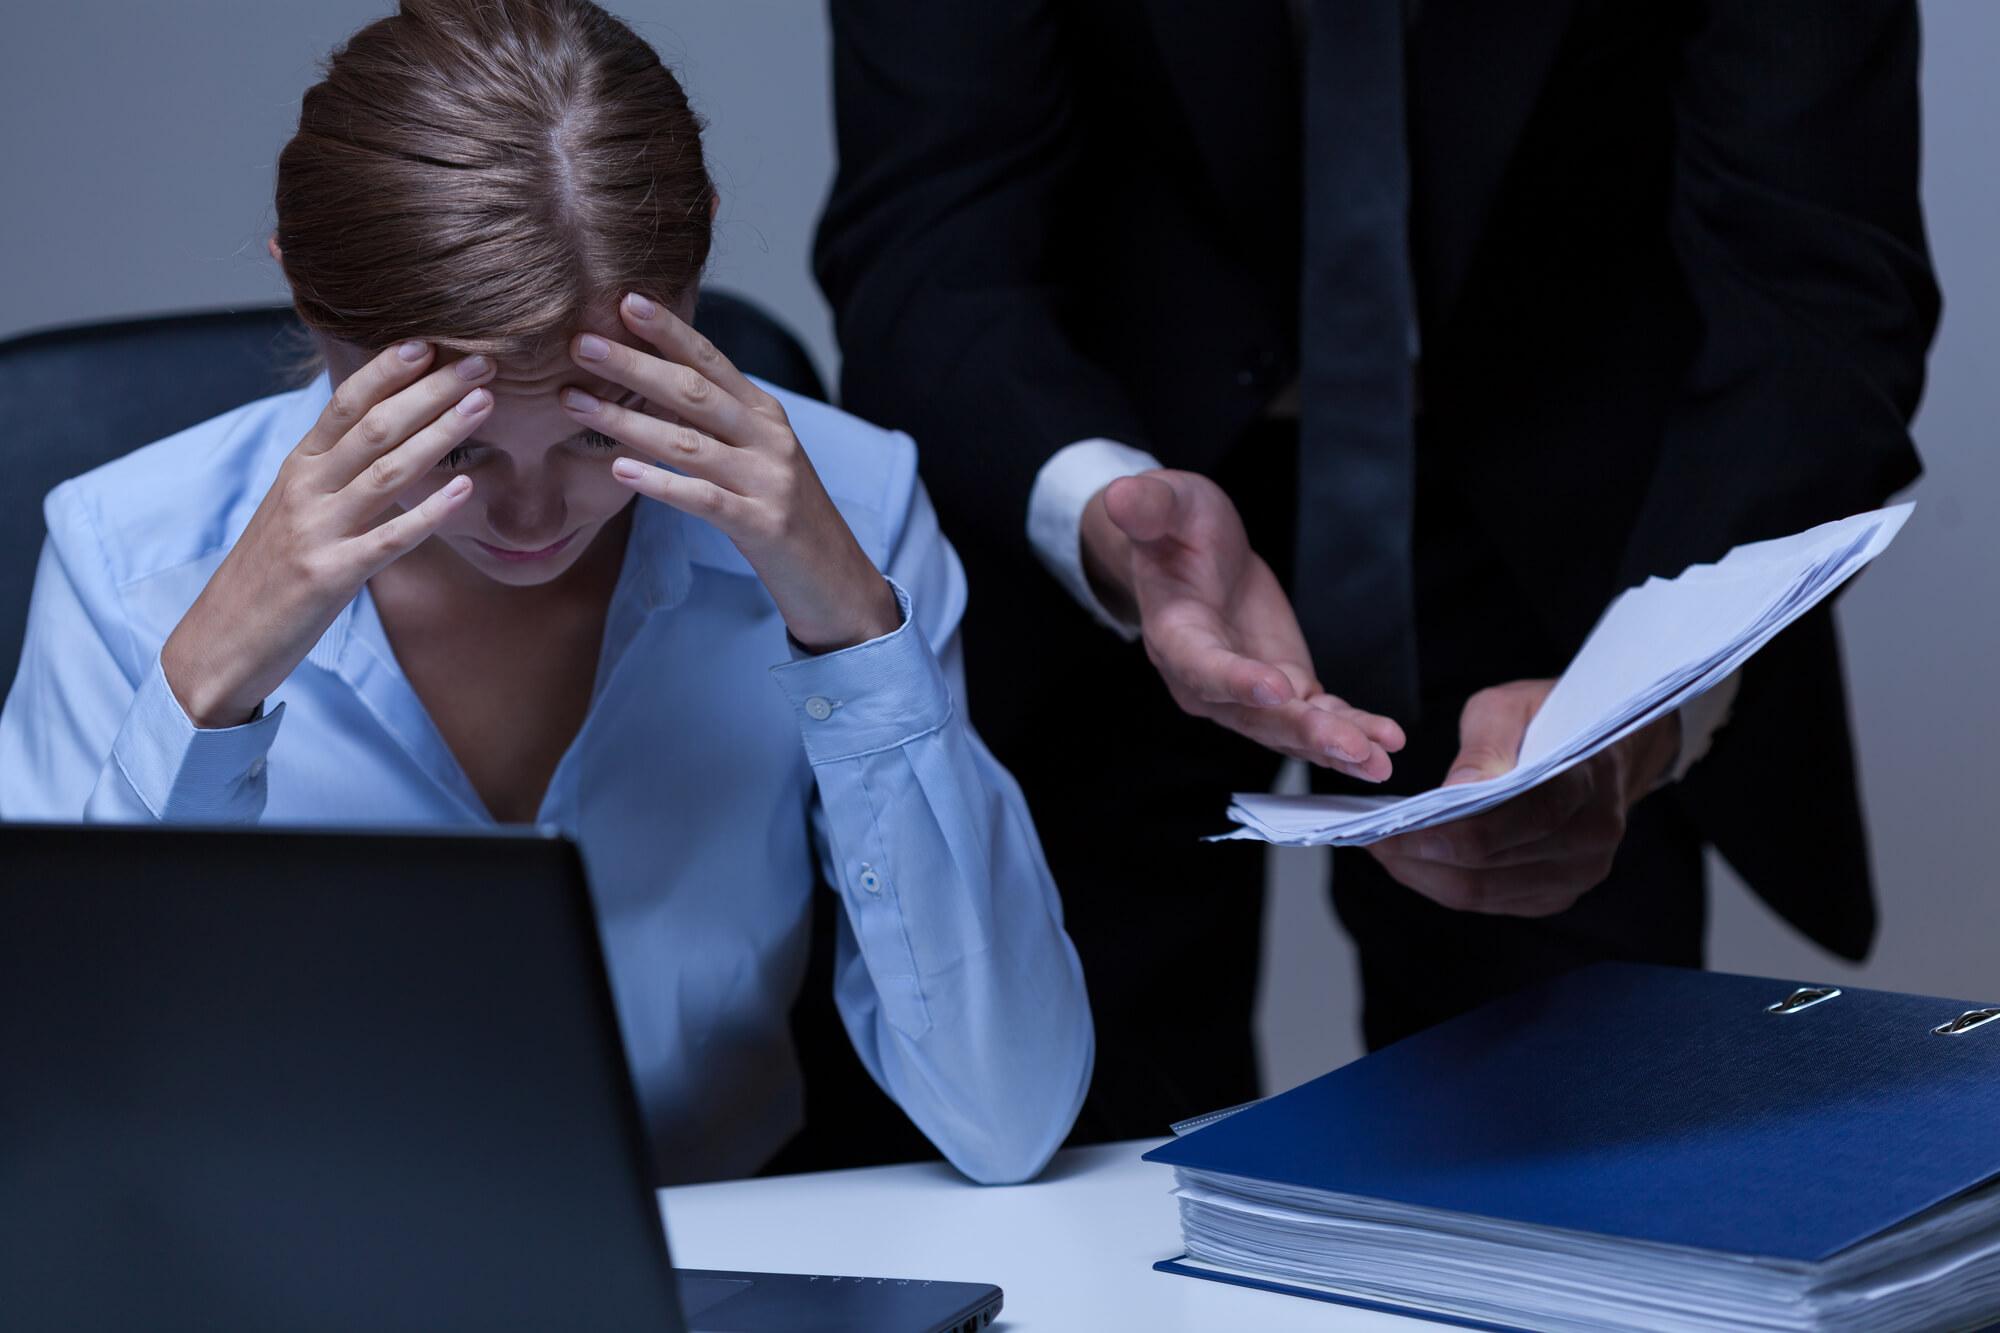 Требуйте весь отпуск разом и двойную оплату: права работников, о которых мало кто знает